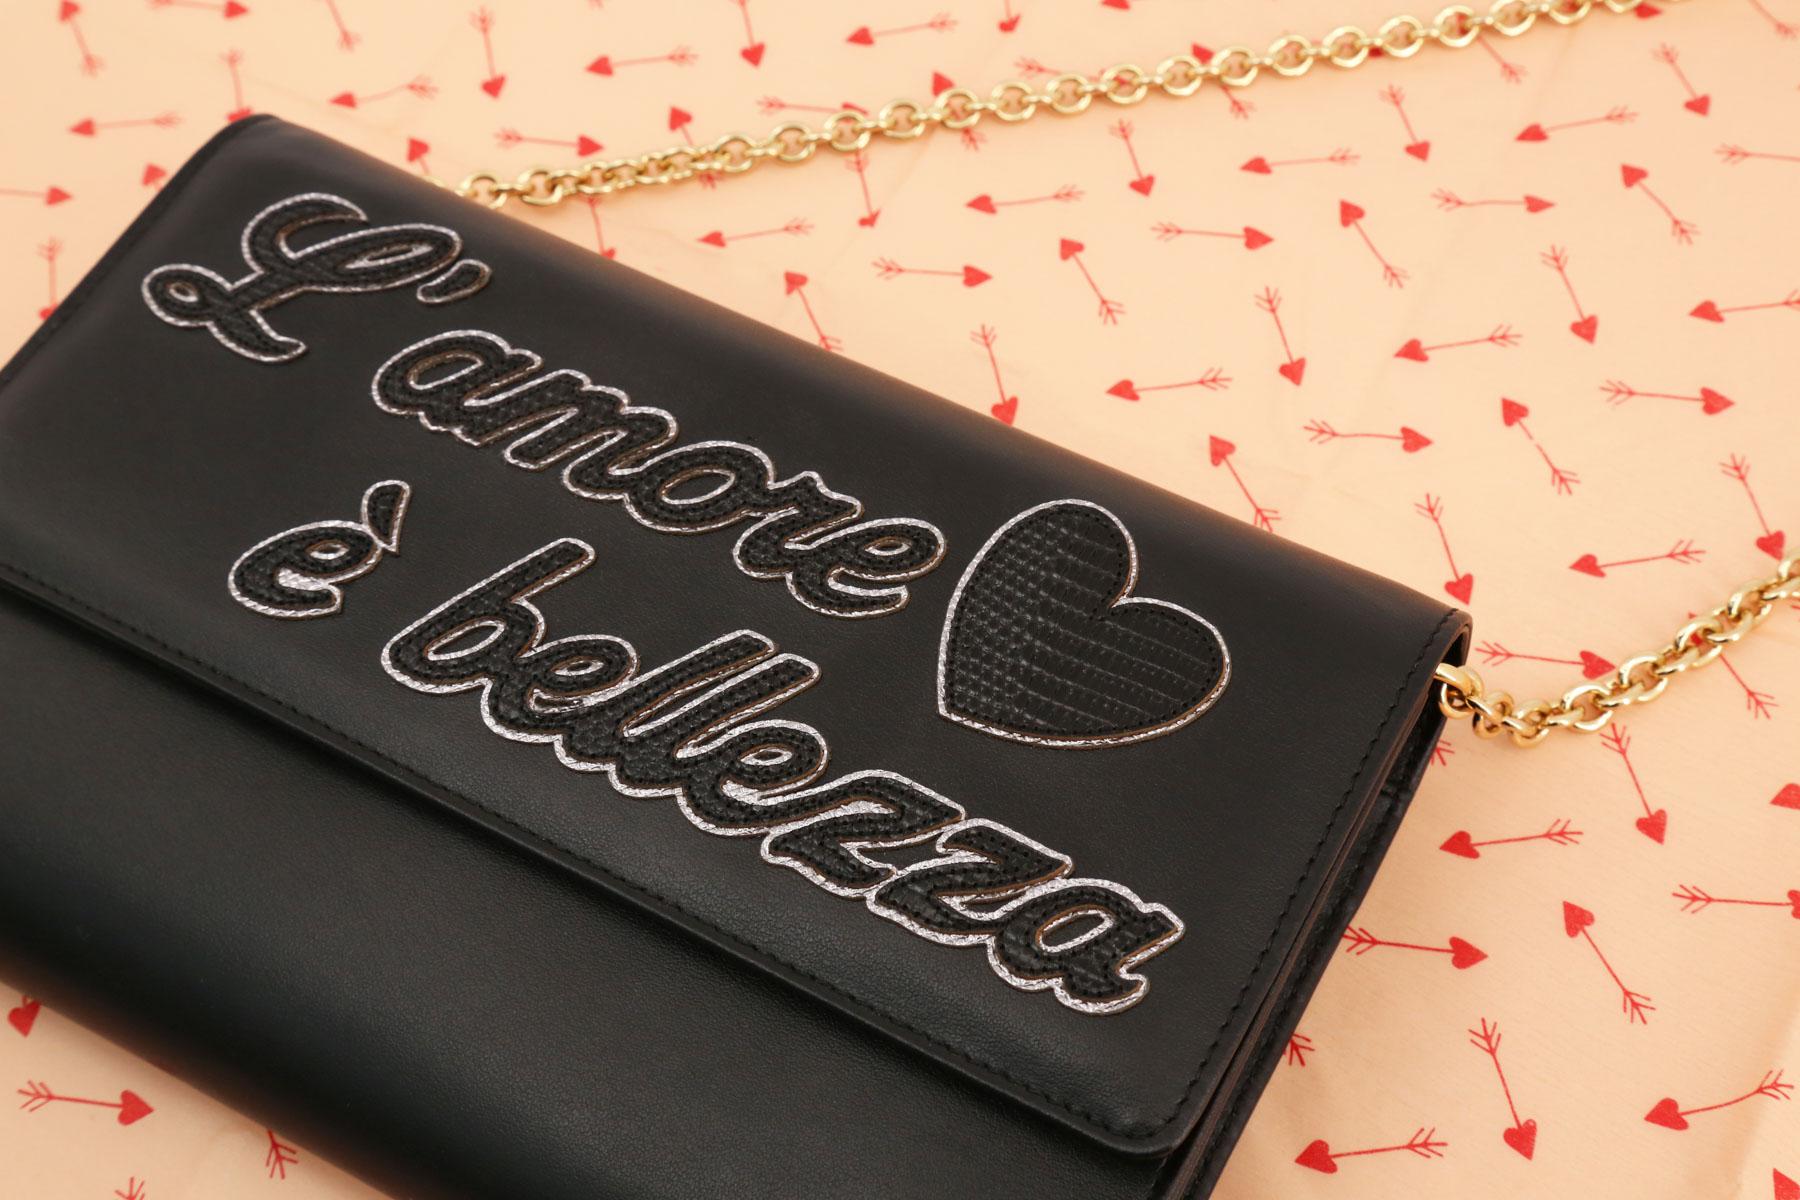 Dolce & Gabbana (25)